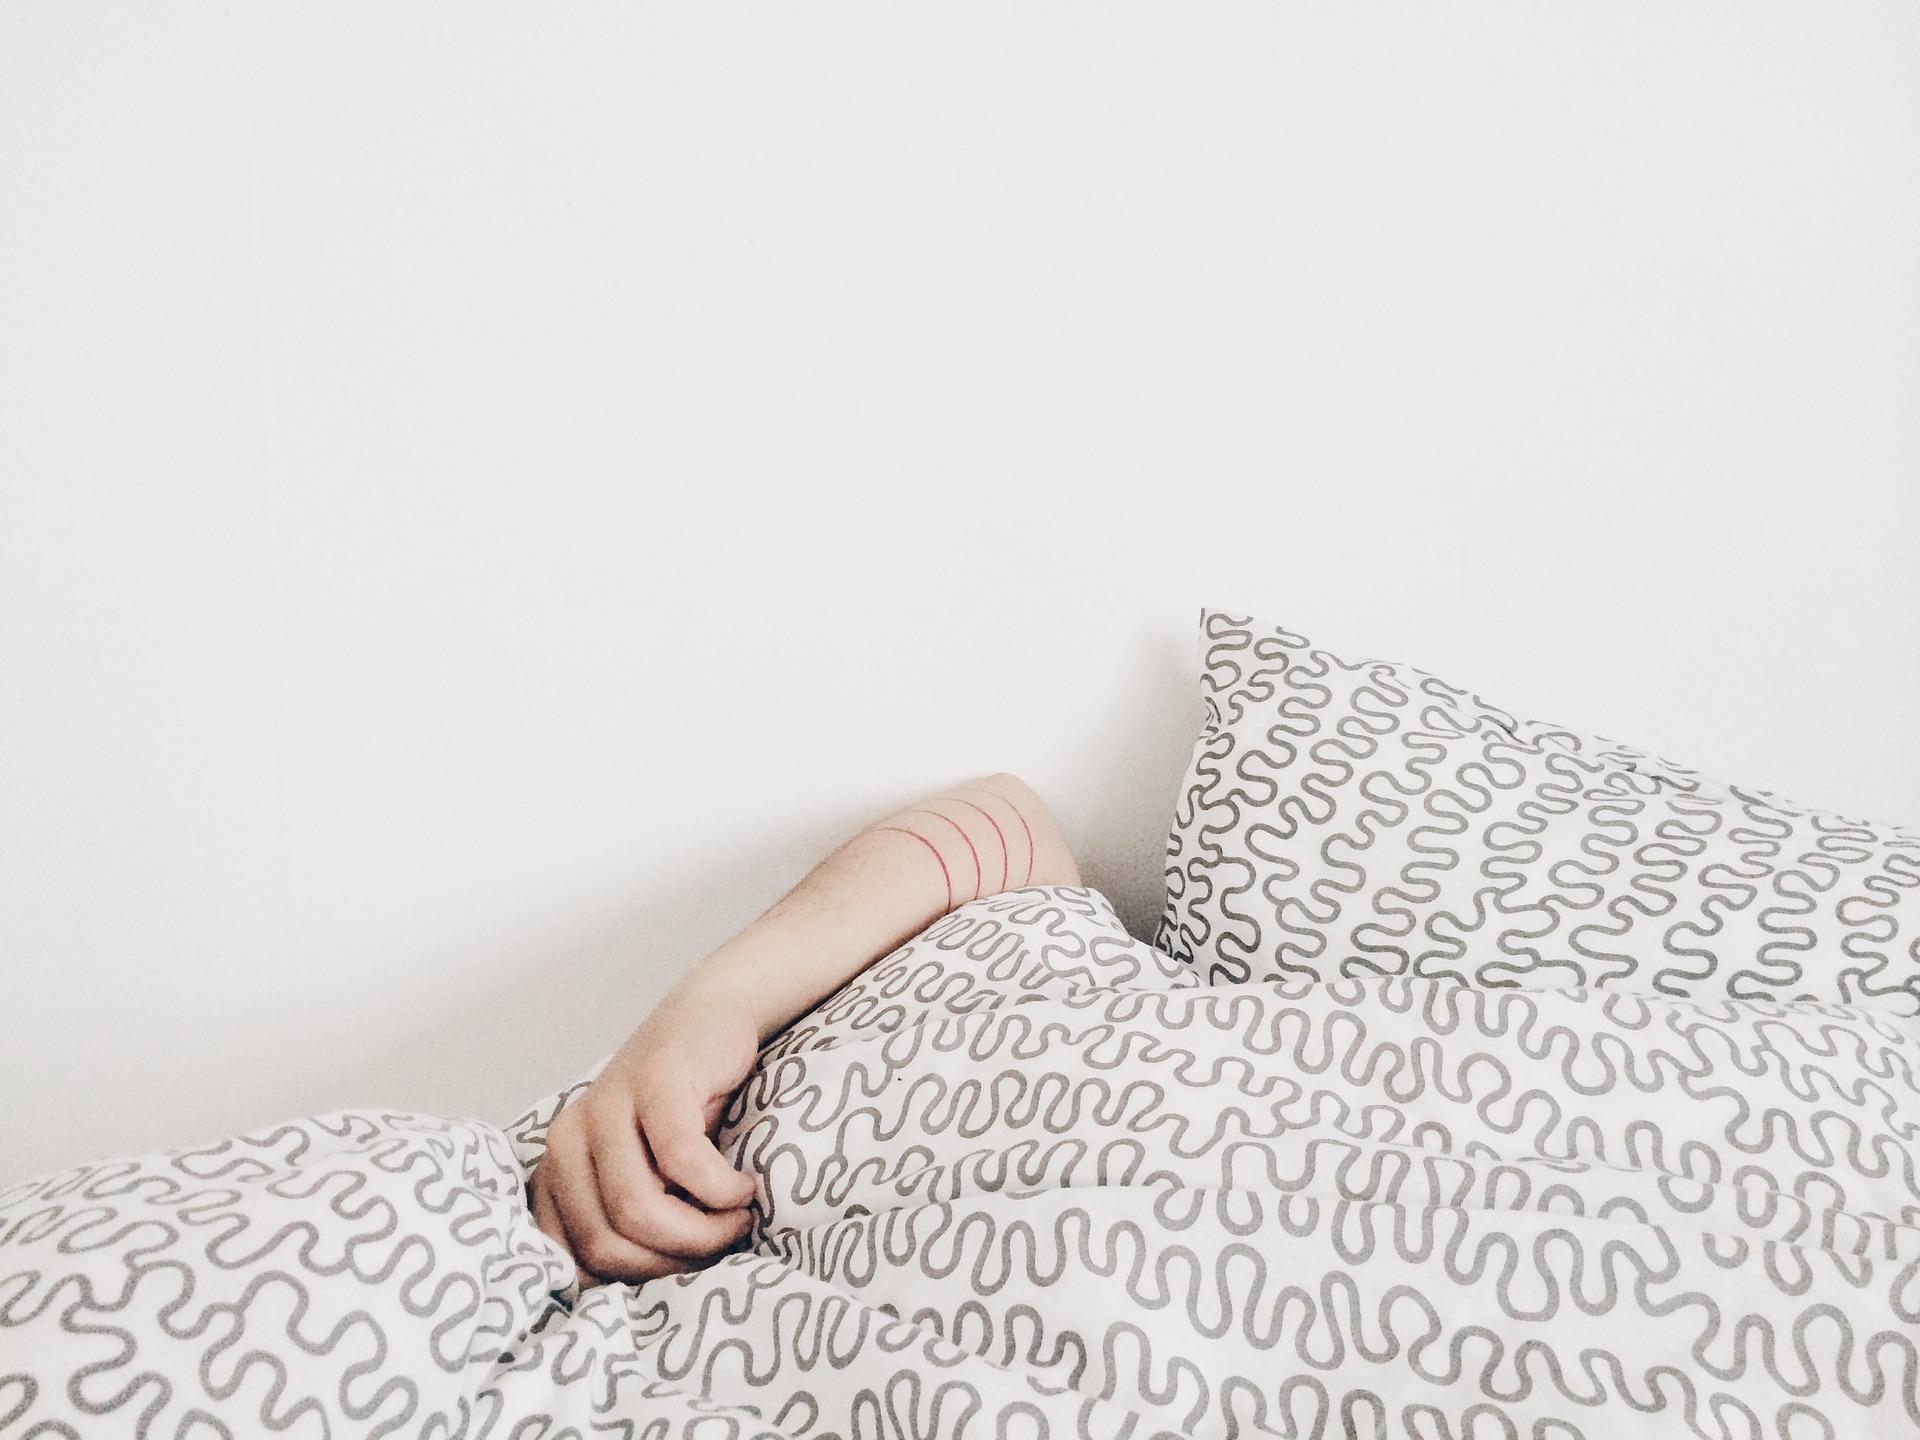 Почему немеют руки по утрам